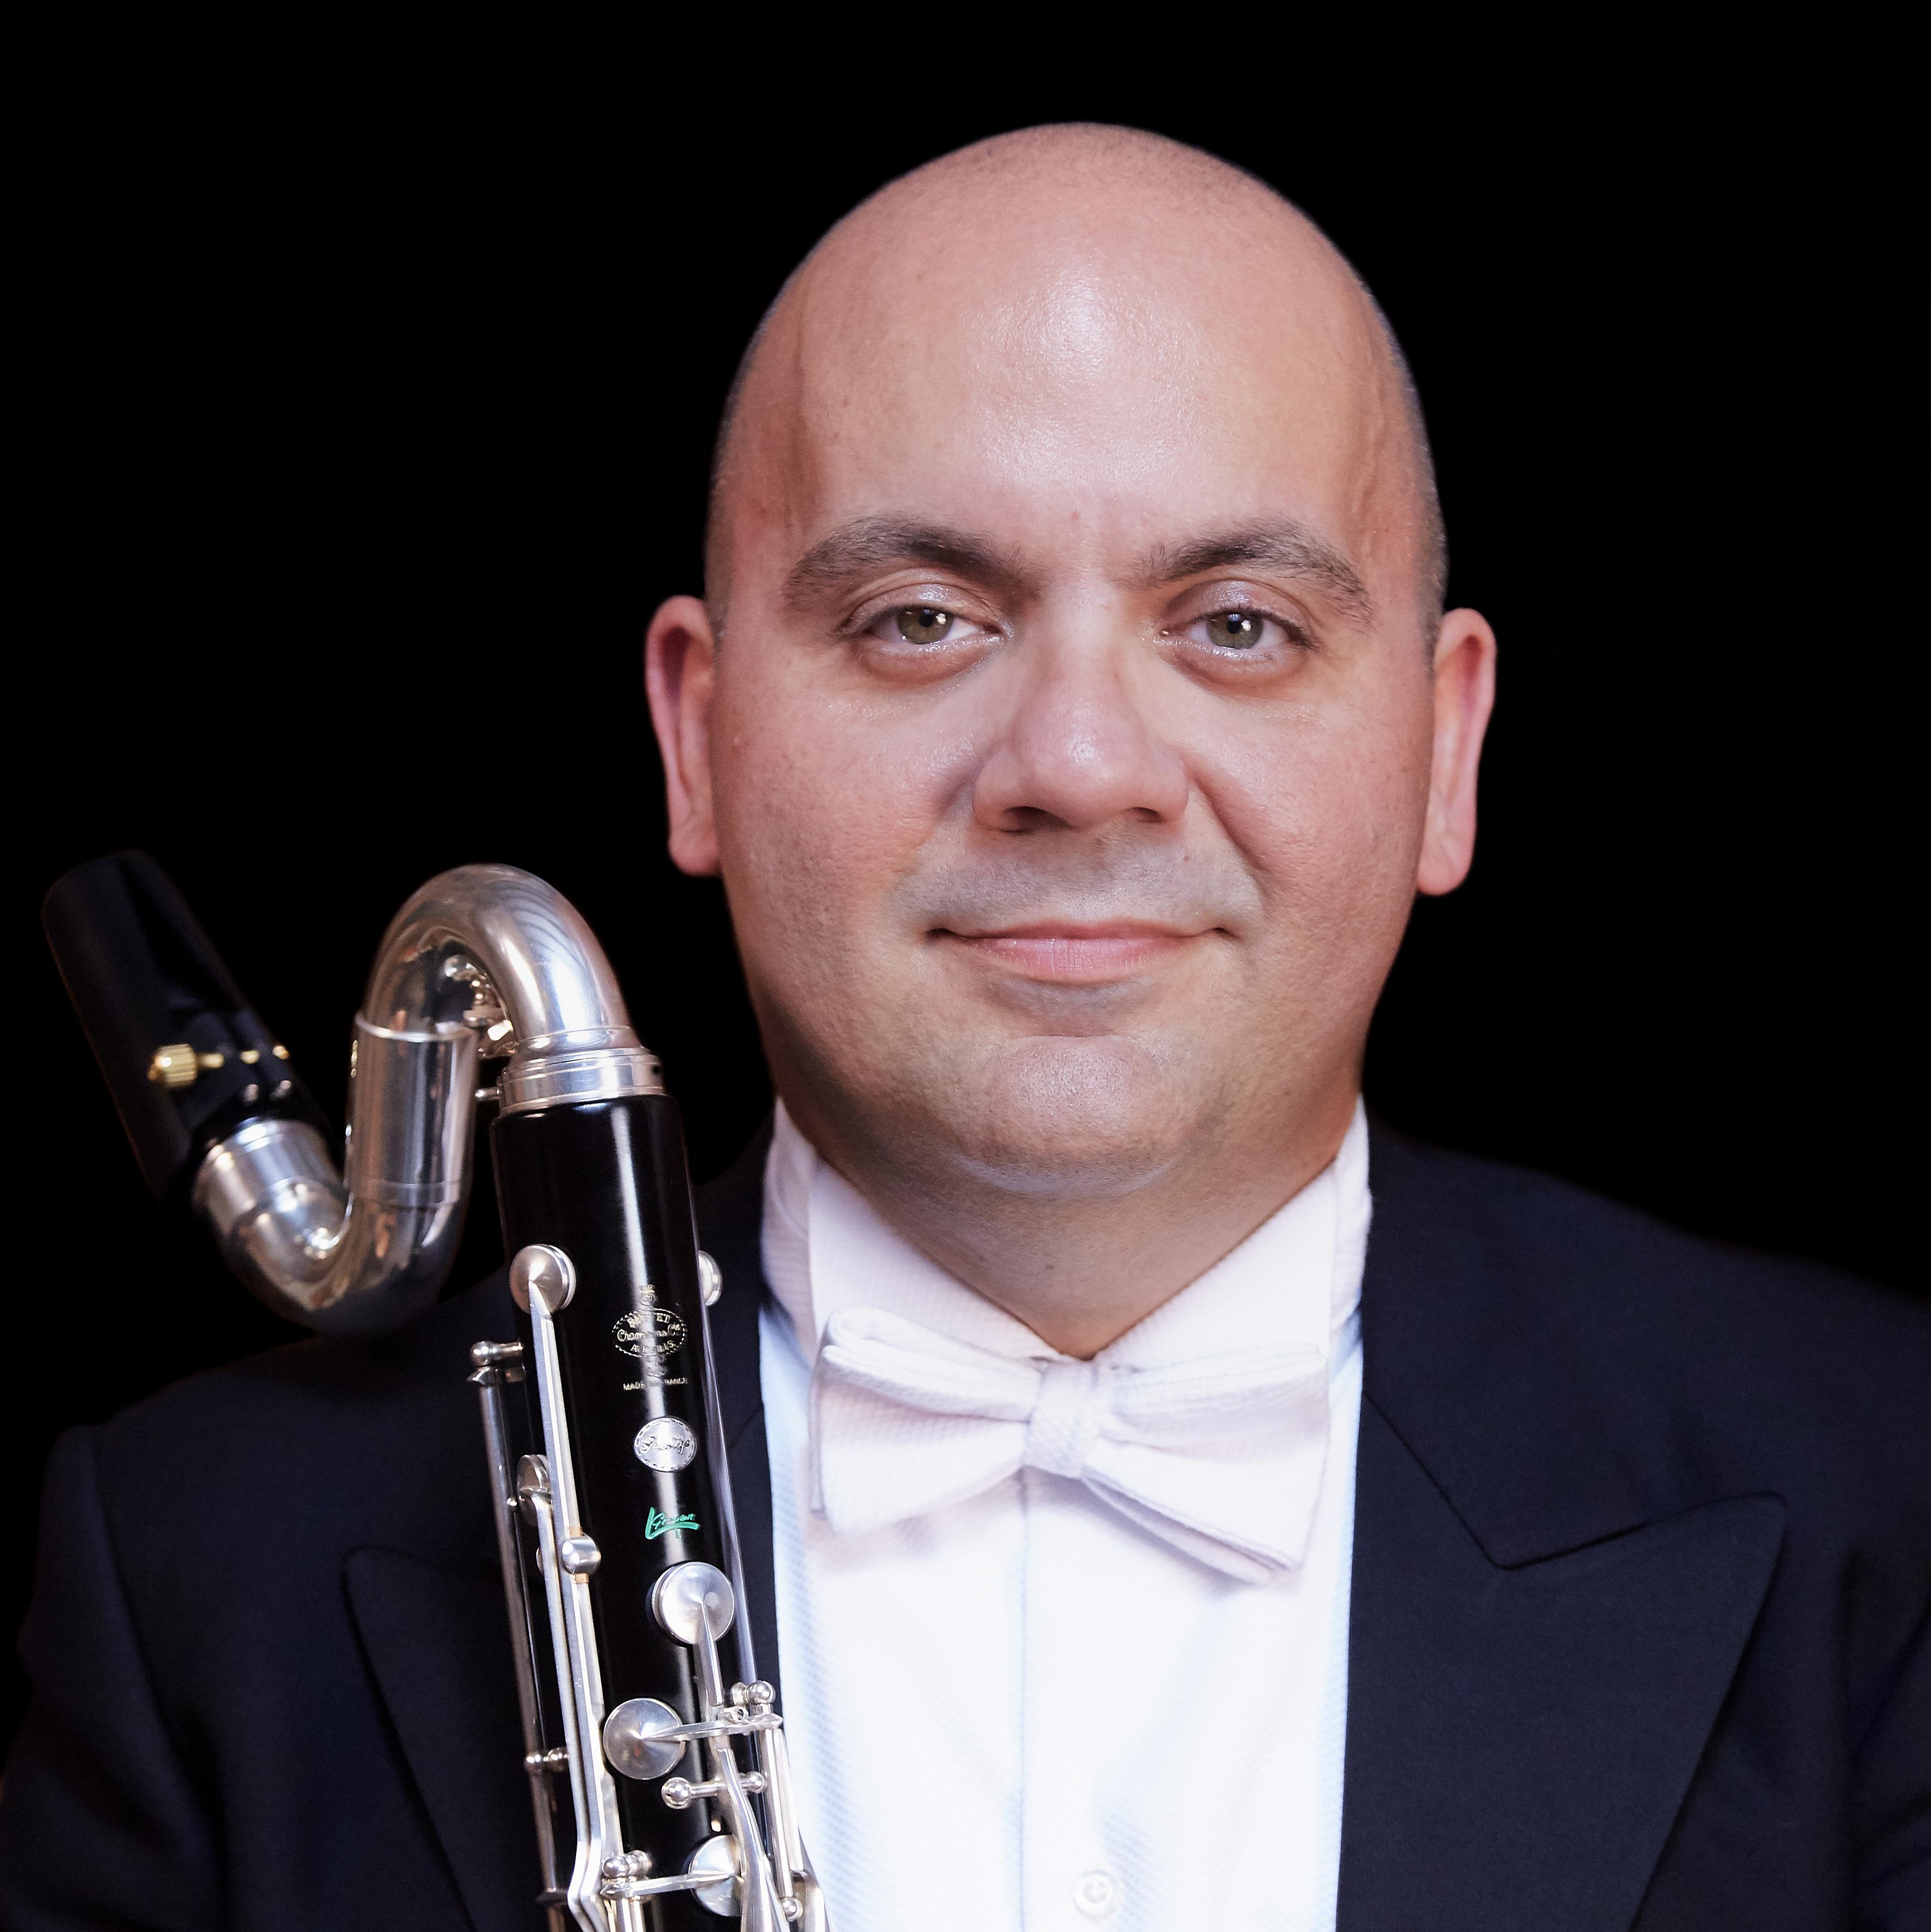 Luís David García Walo